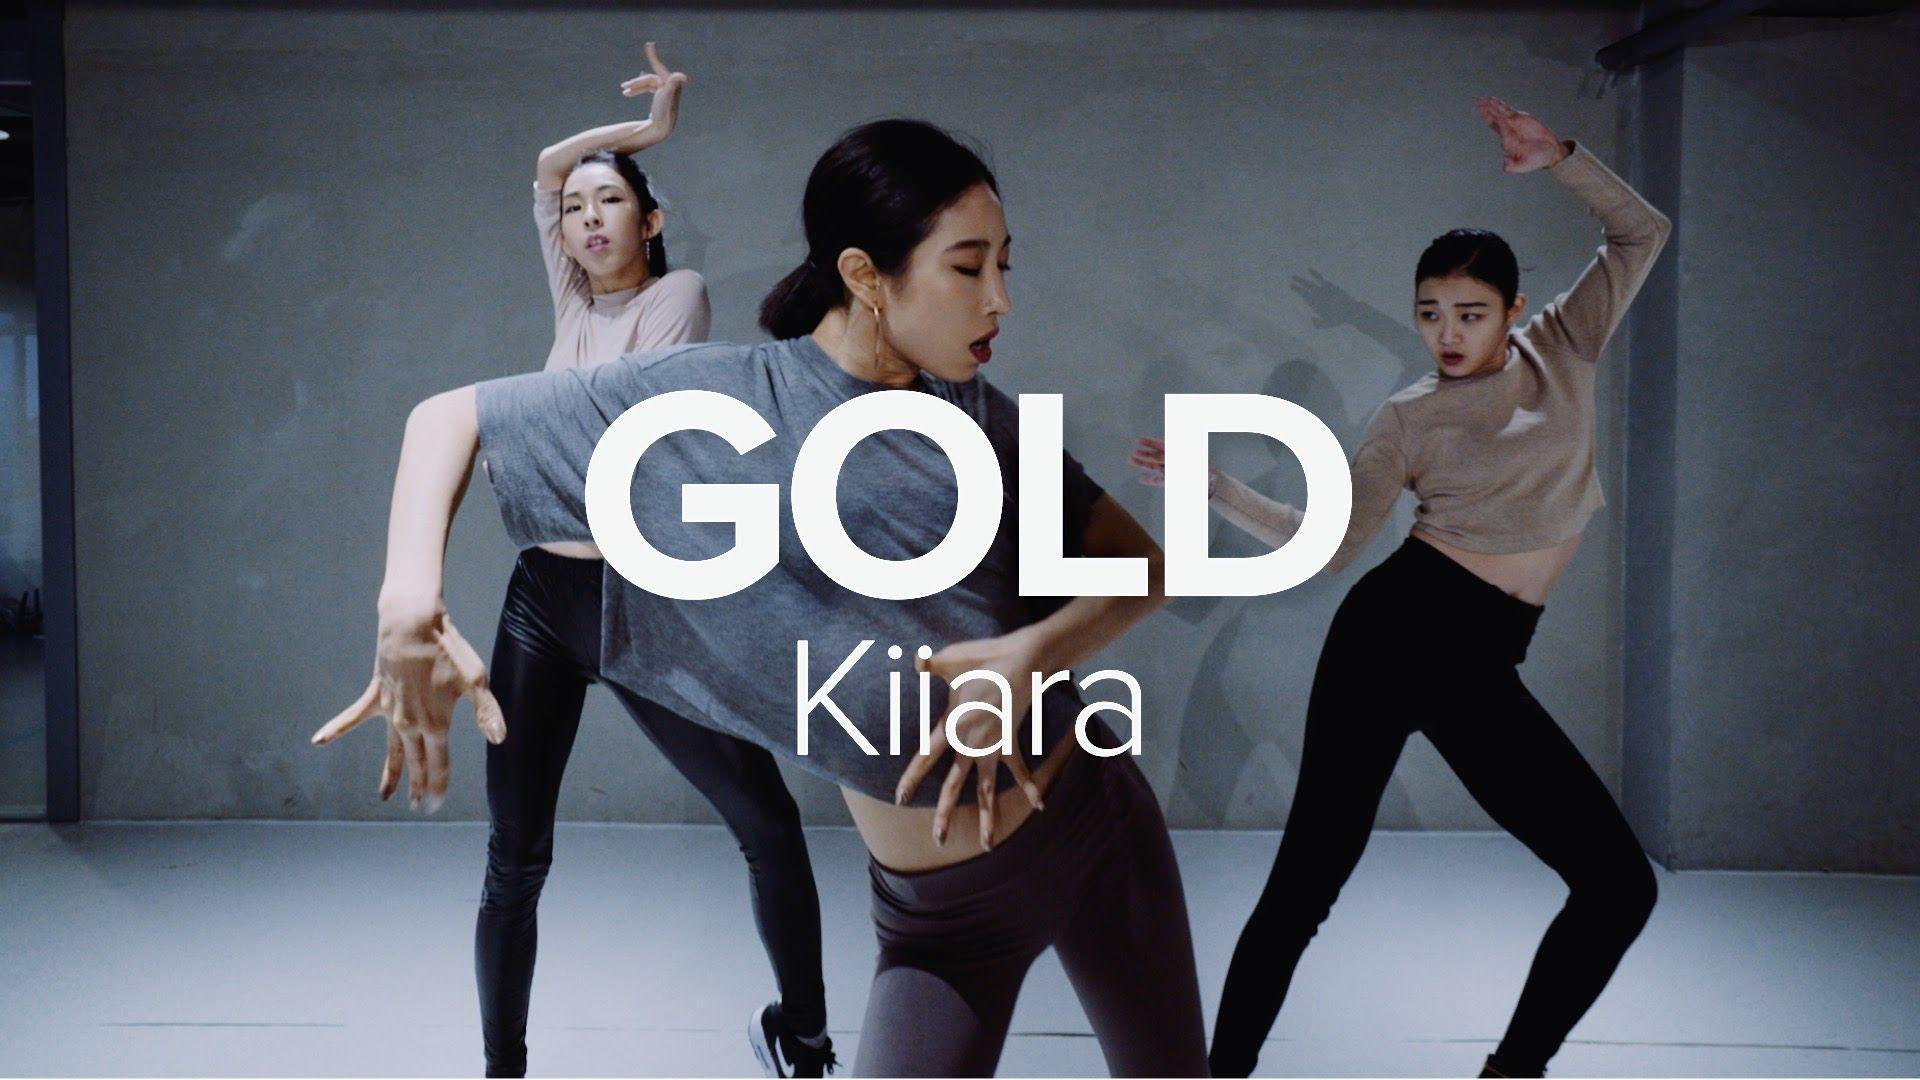 Lia kim teaches choreography to gold by kiiara learn from lia kim teaches choreography to gold by kiiara learn from instructors of 1million dance studio baditri Images